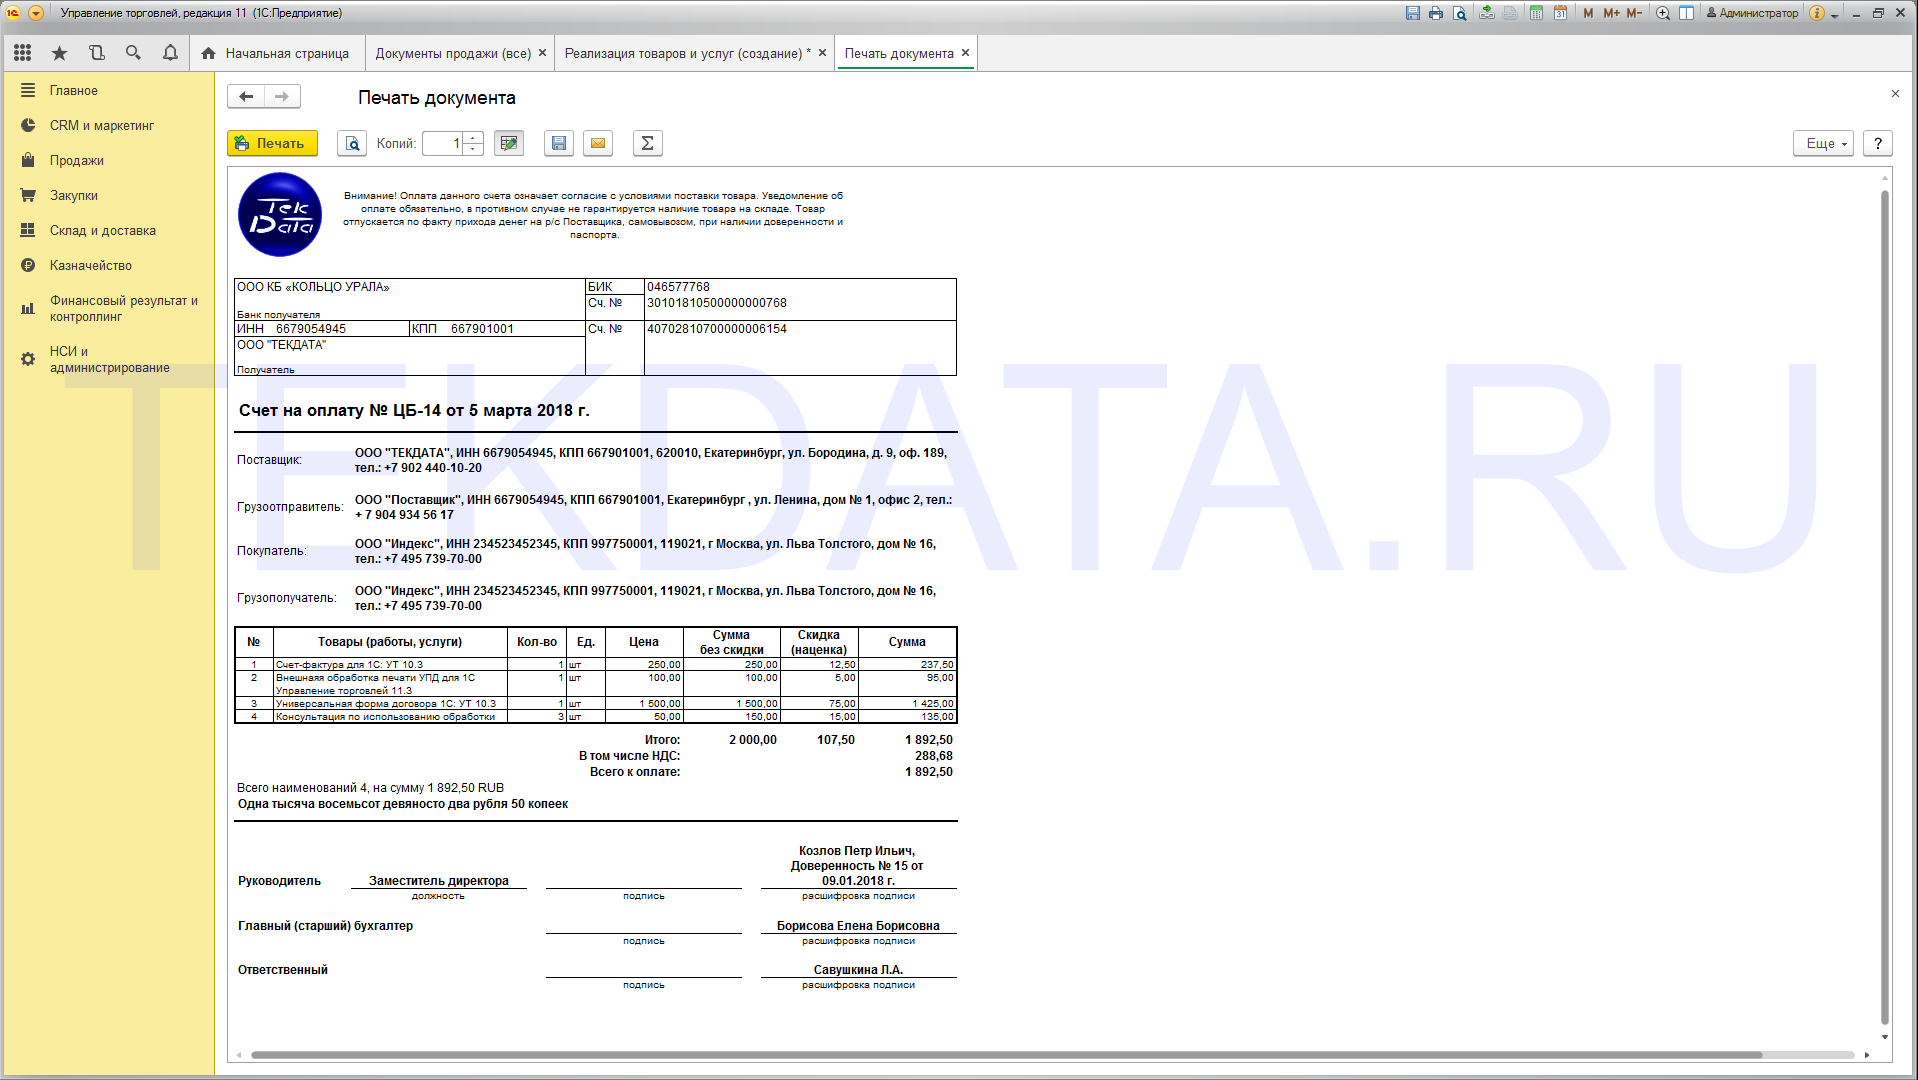 Расширение «Счет на оплату без записи документа для 1С:УТ 11.4»